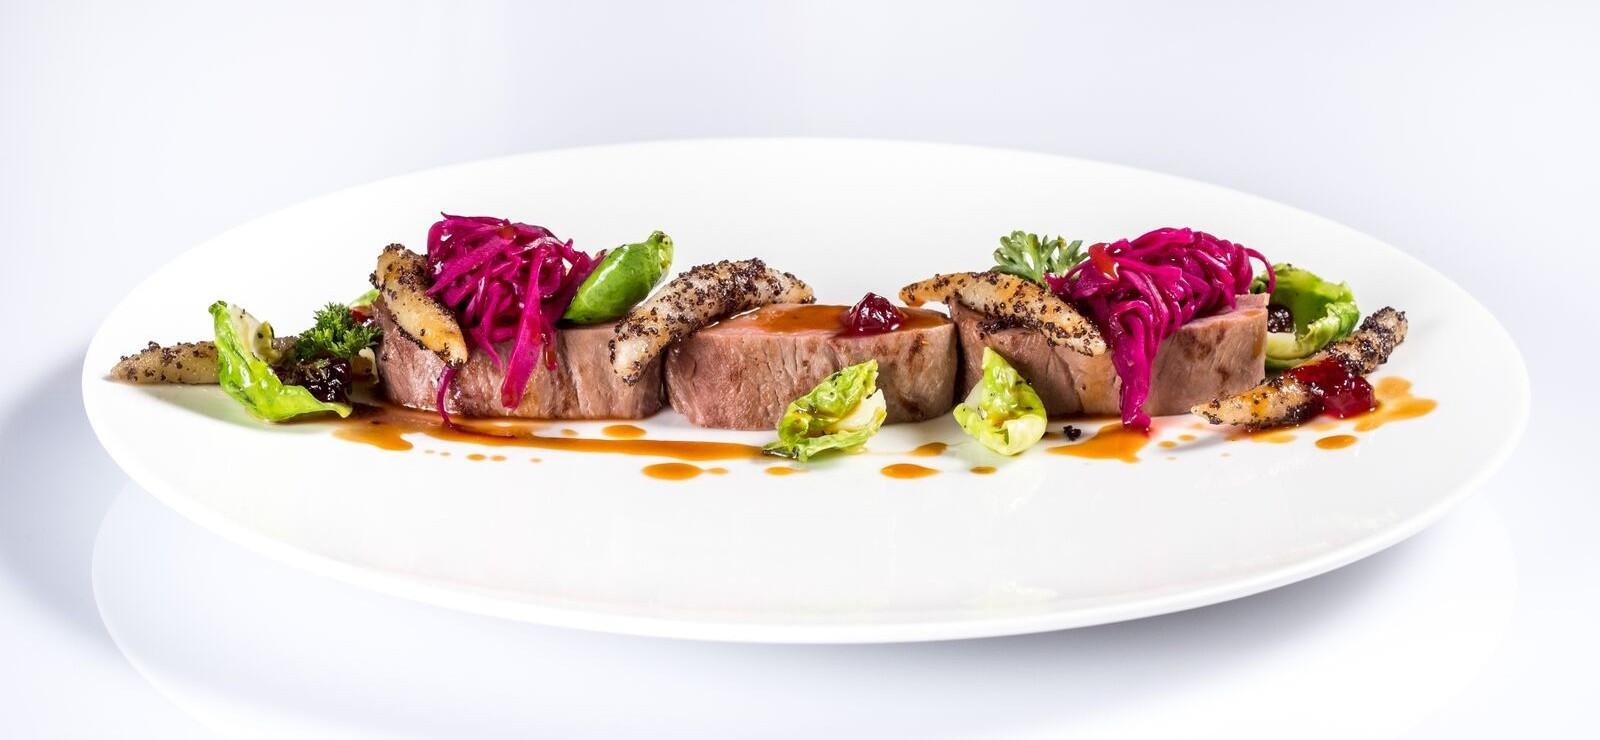 Schön angerichtetes Fleischgericht mit Gemüse